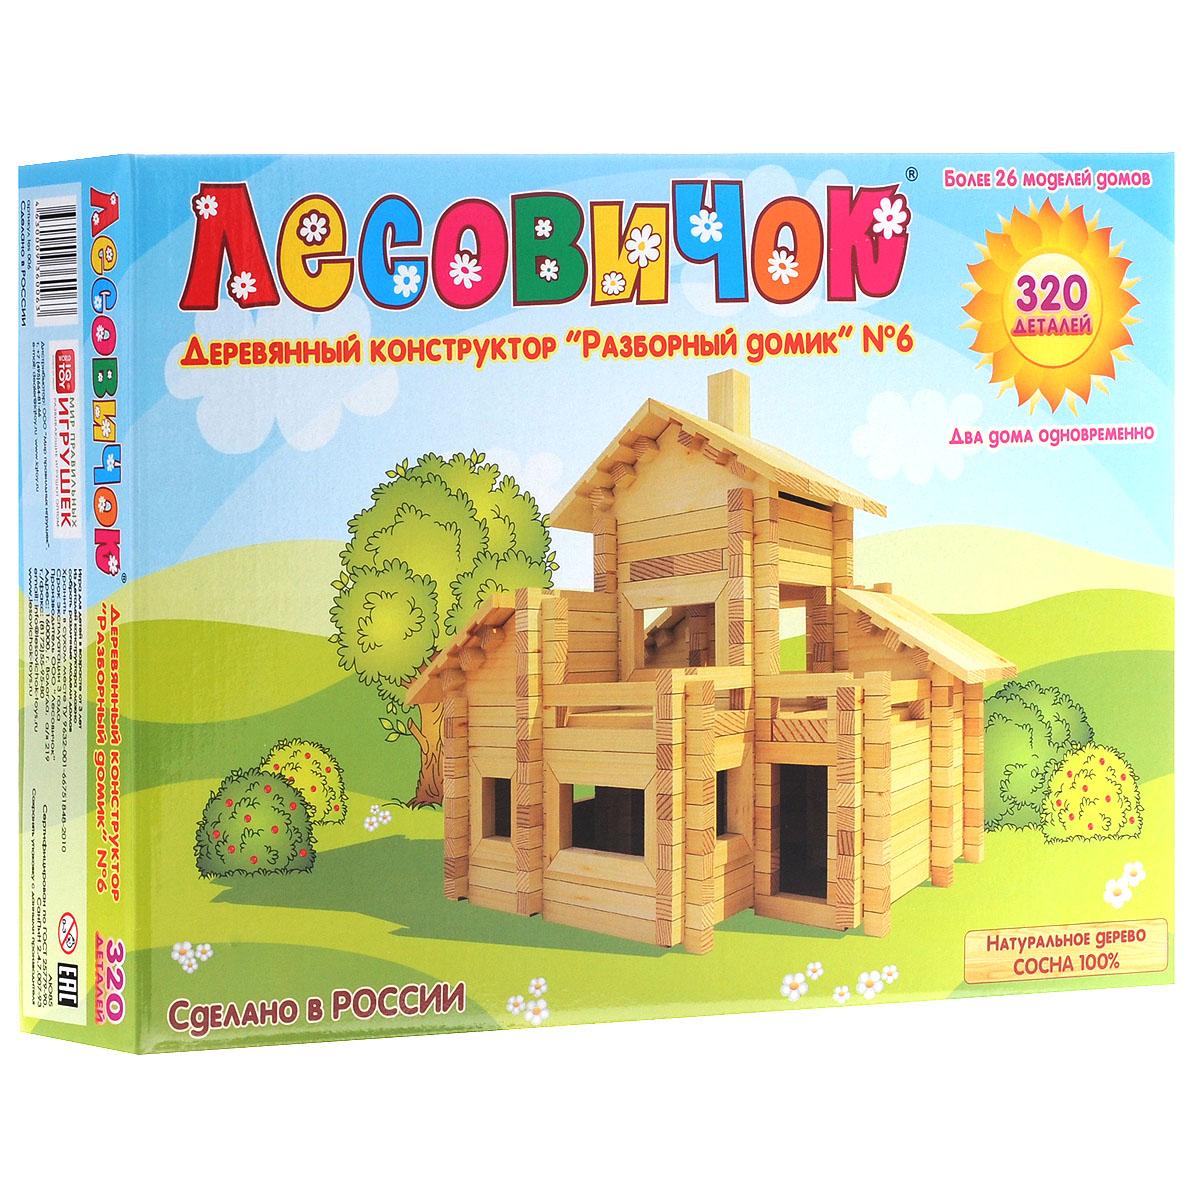 Лесовичок Конструктор Разборный домик №6les 006С помощью элементов конструктора из натурального дерева Лесовичок, ребенок сможет построить миниатюрную модель деревянного домика. Набор включает в себя 320 неокрашенных элементов из натуральной сосны, из которых можно собрать более 26 вариантов домика. Различие между наборами заключается в количестве и разнообразии деталей и, как следствие, в количестве и сложности домиков, которые можно построить из данного набора. Лесовичок - российский производитель, выпускающий всю продукцию на собственном деревообрабатывающем предприятии в России. Для изготовления конструкторов используется только отборная древесина (сосна). Все детали конструктора - чистая шлифованная древесина без какого-либо покрытия: лака или краски. Детали конструктора легко скрепляются между собой, что позволяет юному строителю без труда собрать деревянную поделку. Из одного набора можно построить несколько самых разнообразных сооружений. При желании собранный домик можно покрасить, сделав его неразборной...